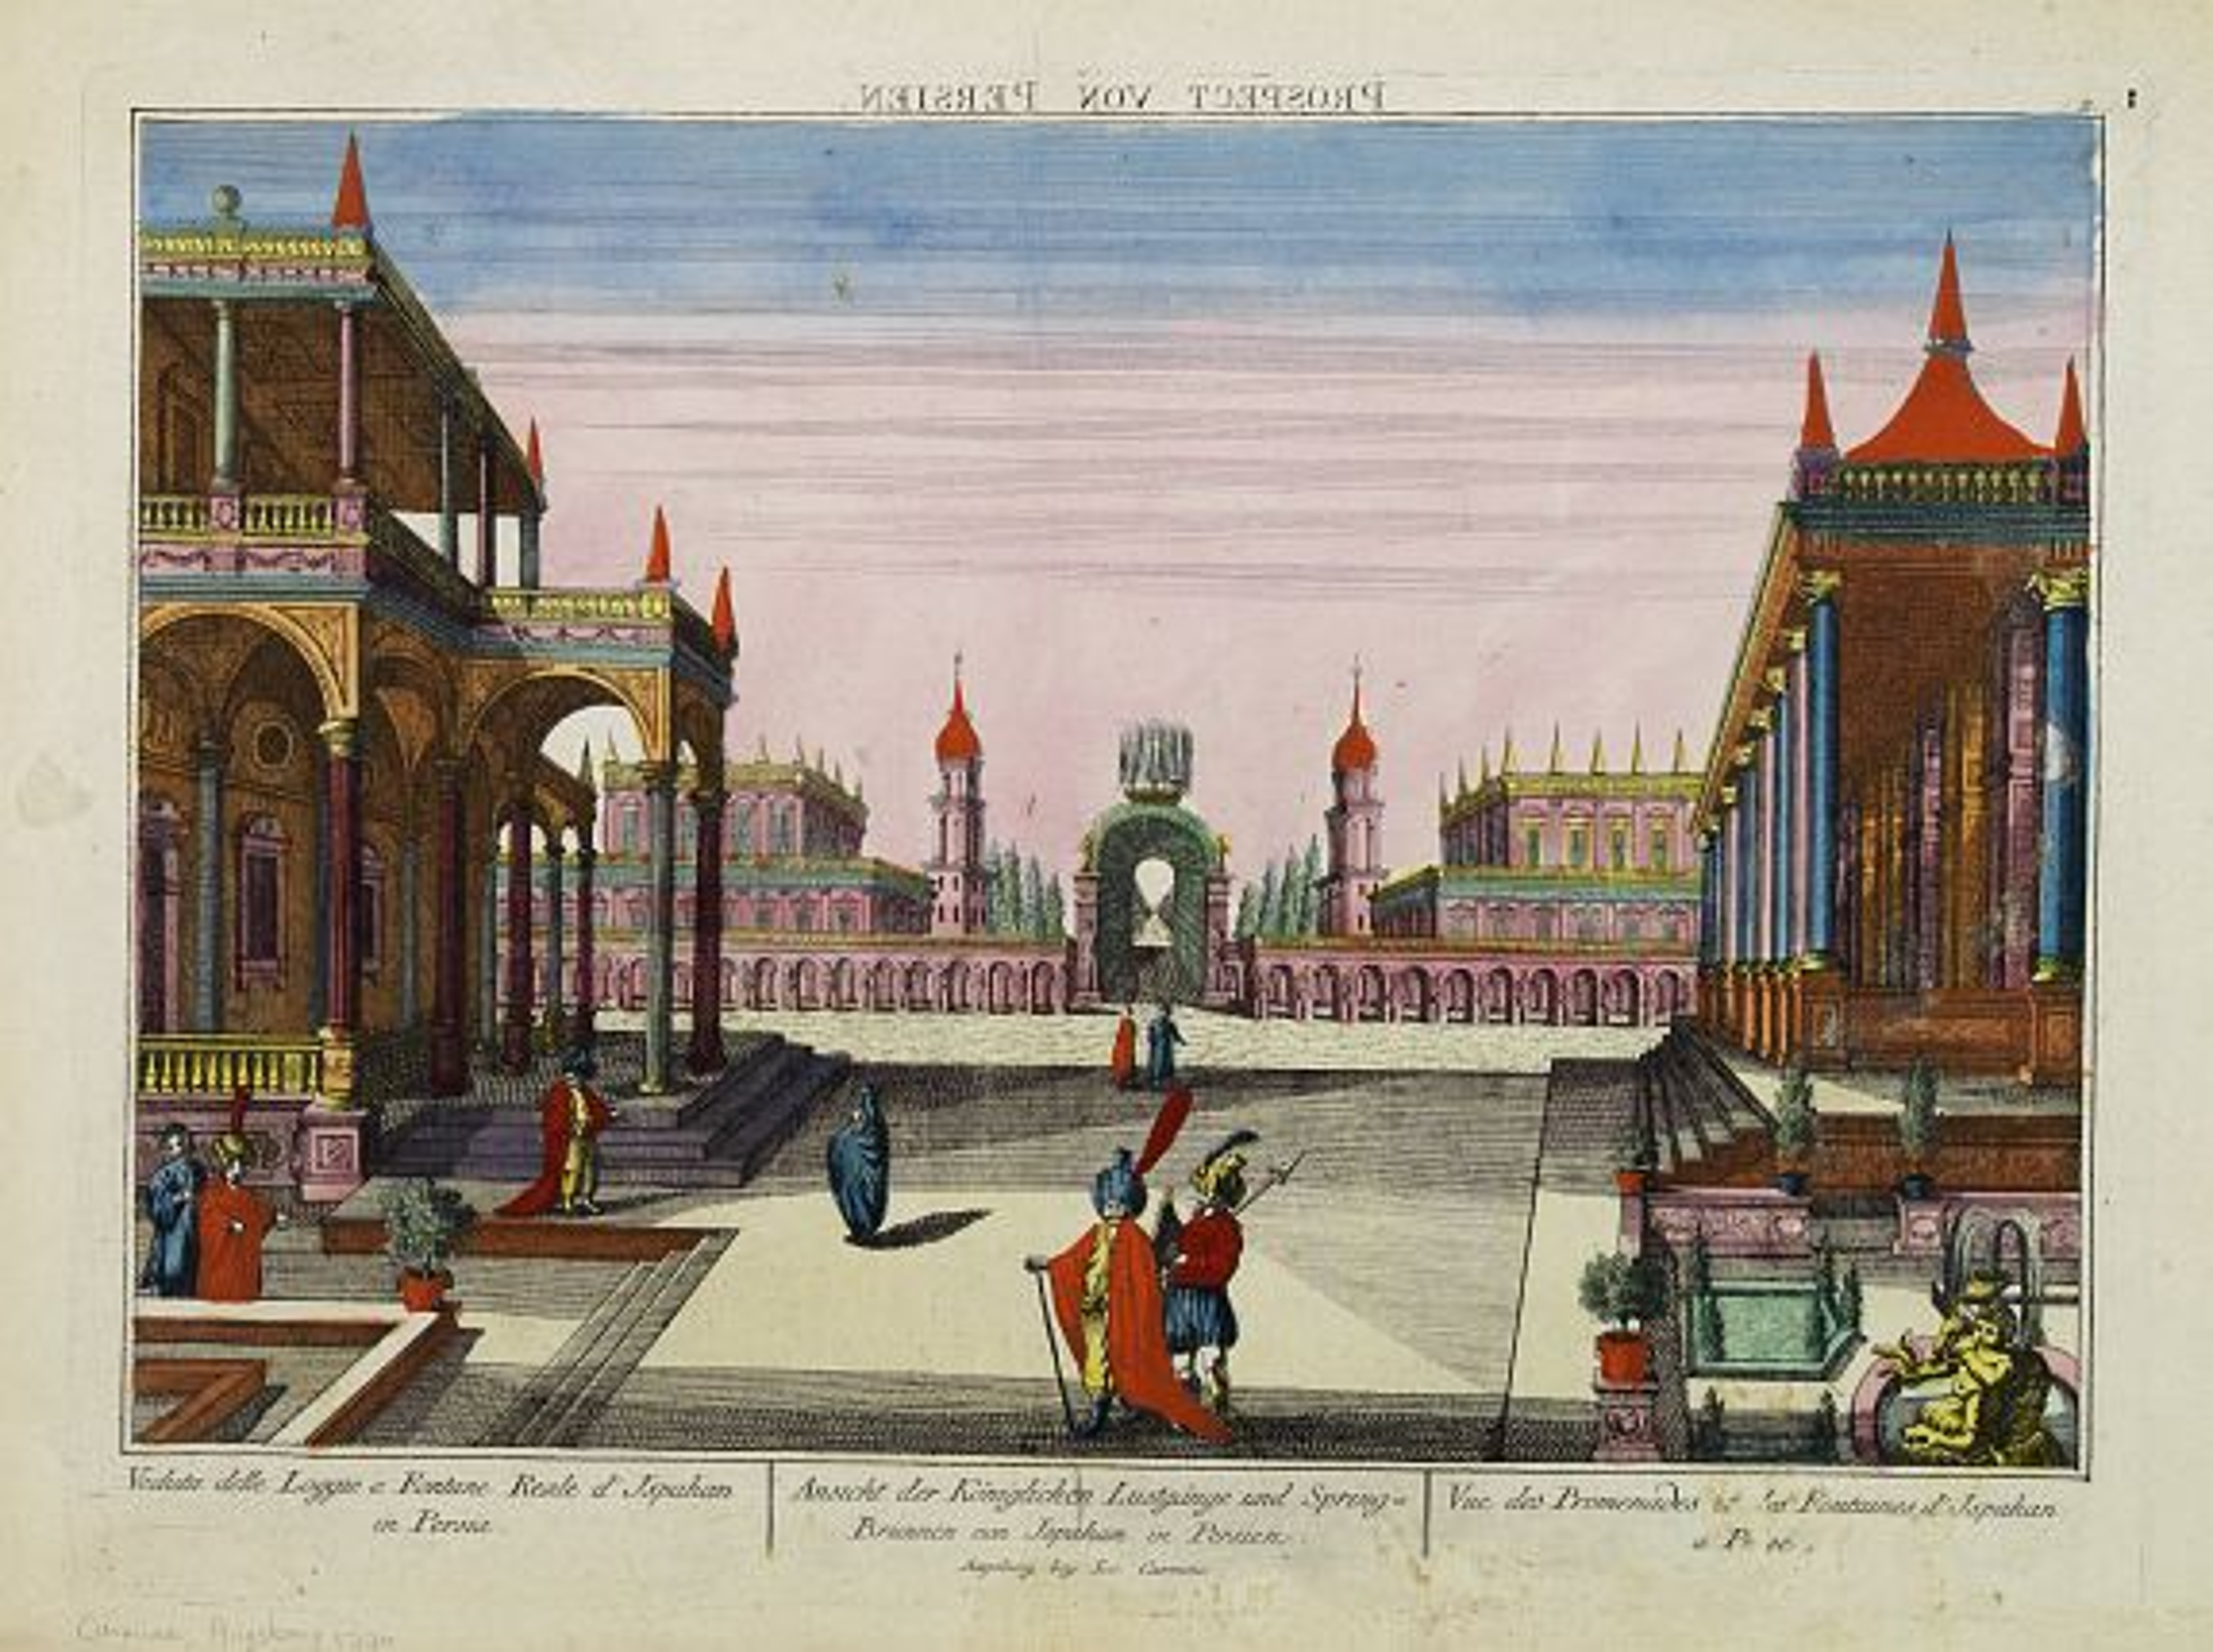 CARMINE, I. -  Vue des Promenades et les Fontaines d'Ispahan.